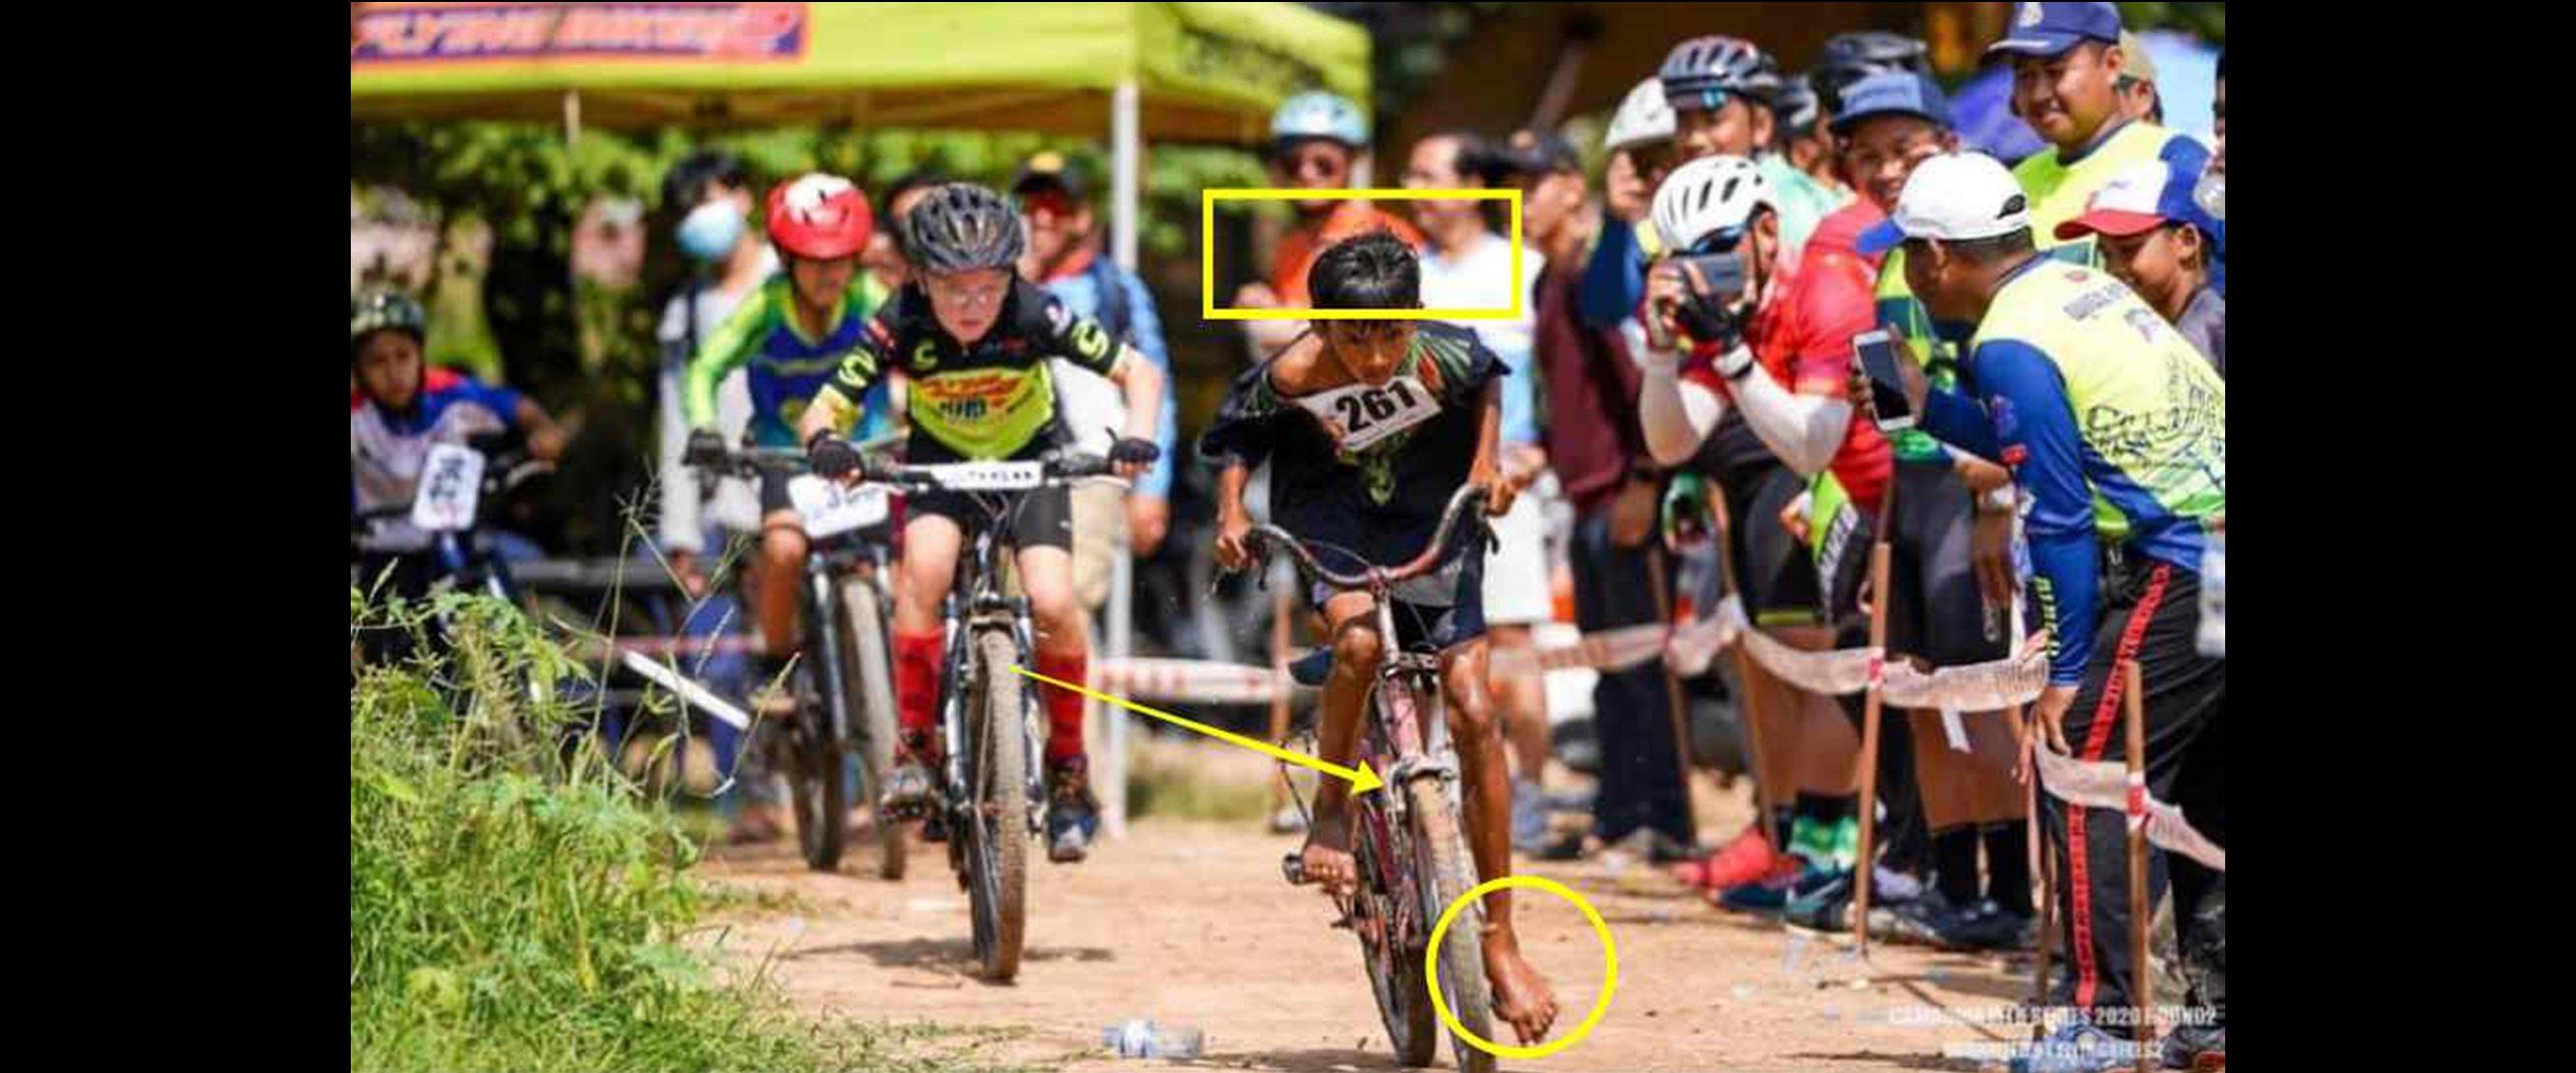 Gigih balapan pakai sepeda butut, bocah ini diganjar hadiah istimewa